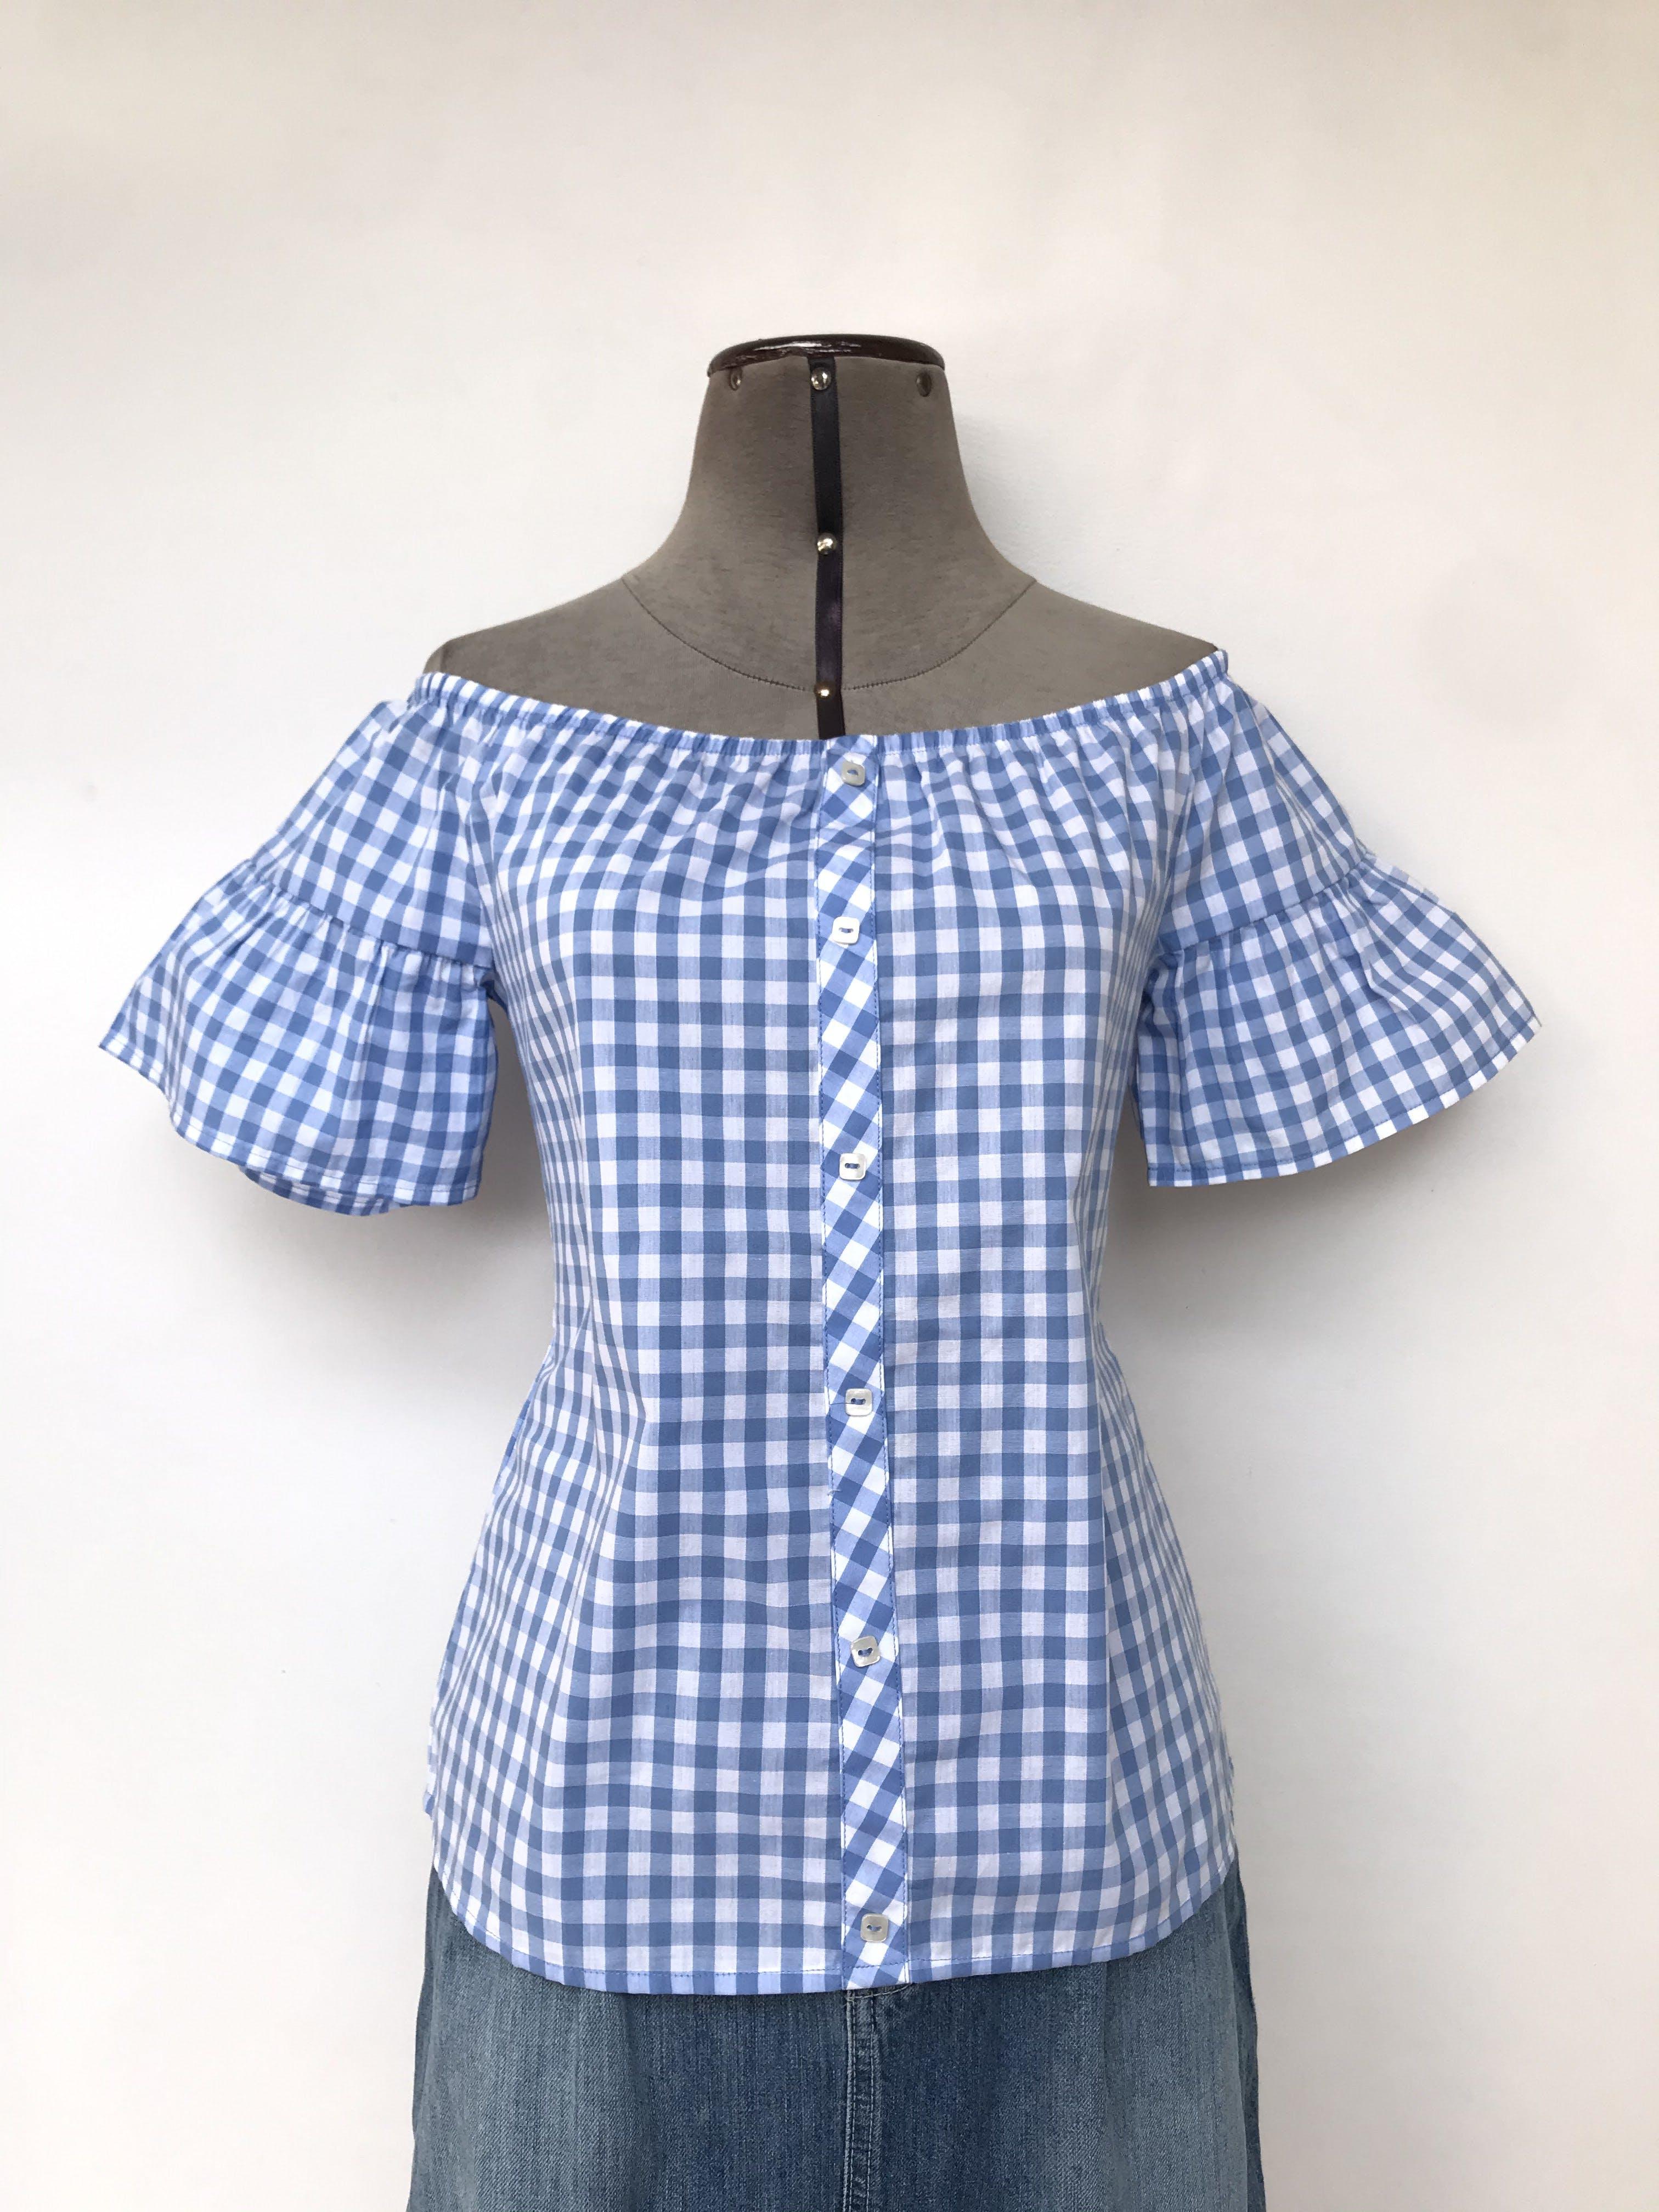 Blusa Pionier 100% algodón a cuadros celestes y blancos, off shoulder con elástico, fila de botones centrales y mangas con volante Talla S